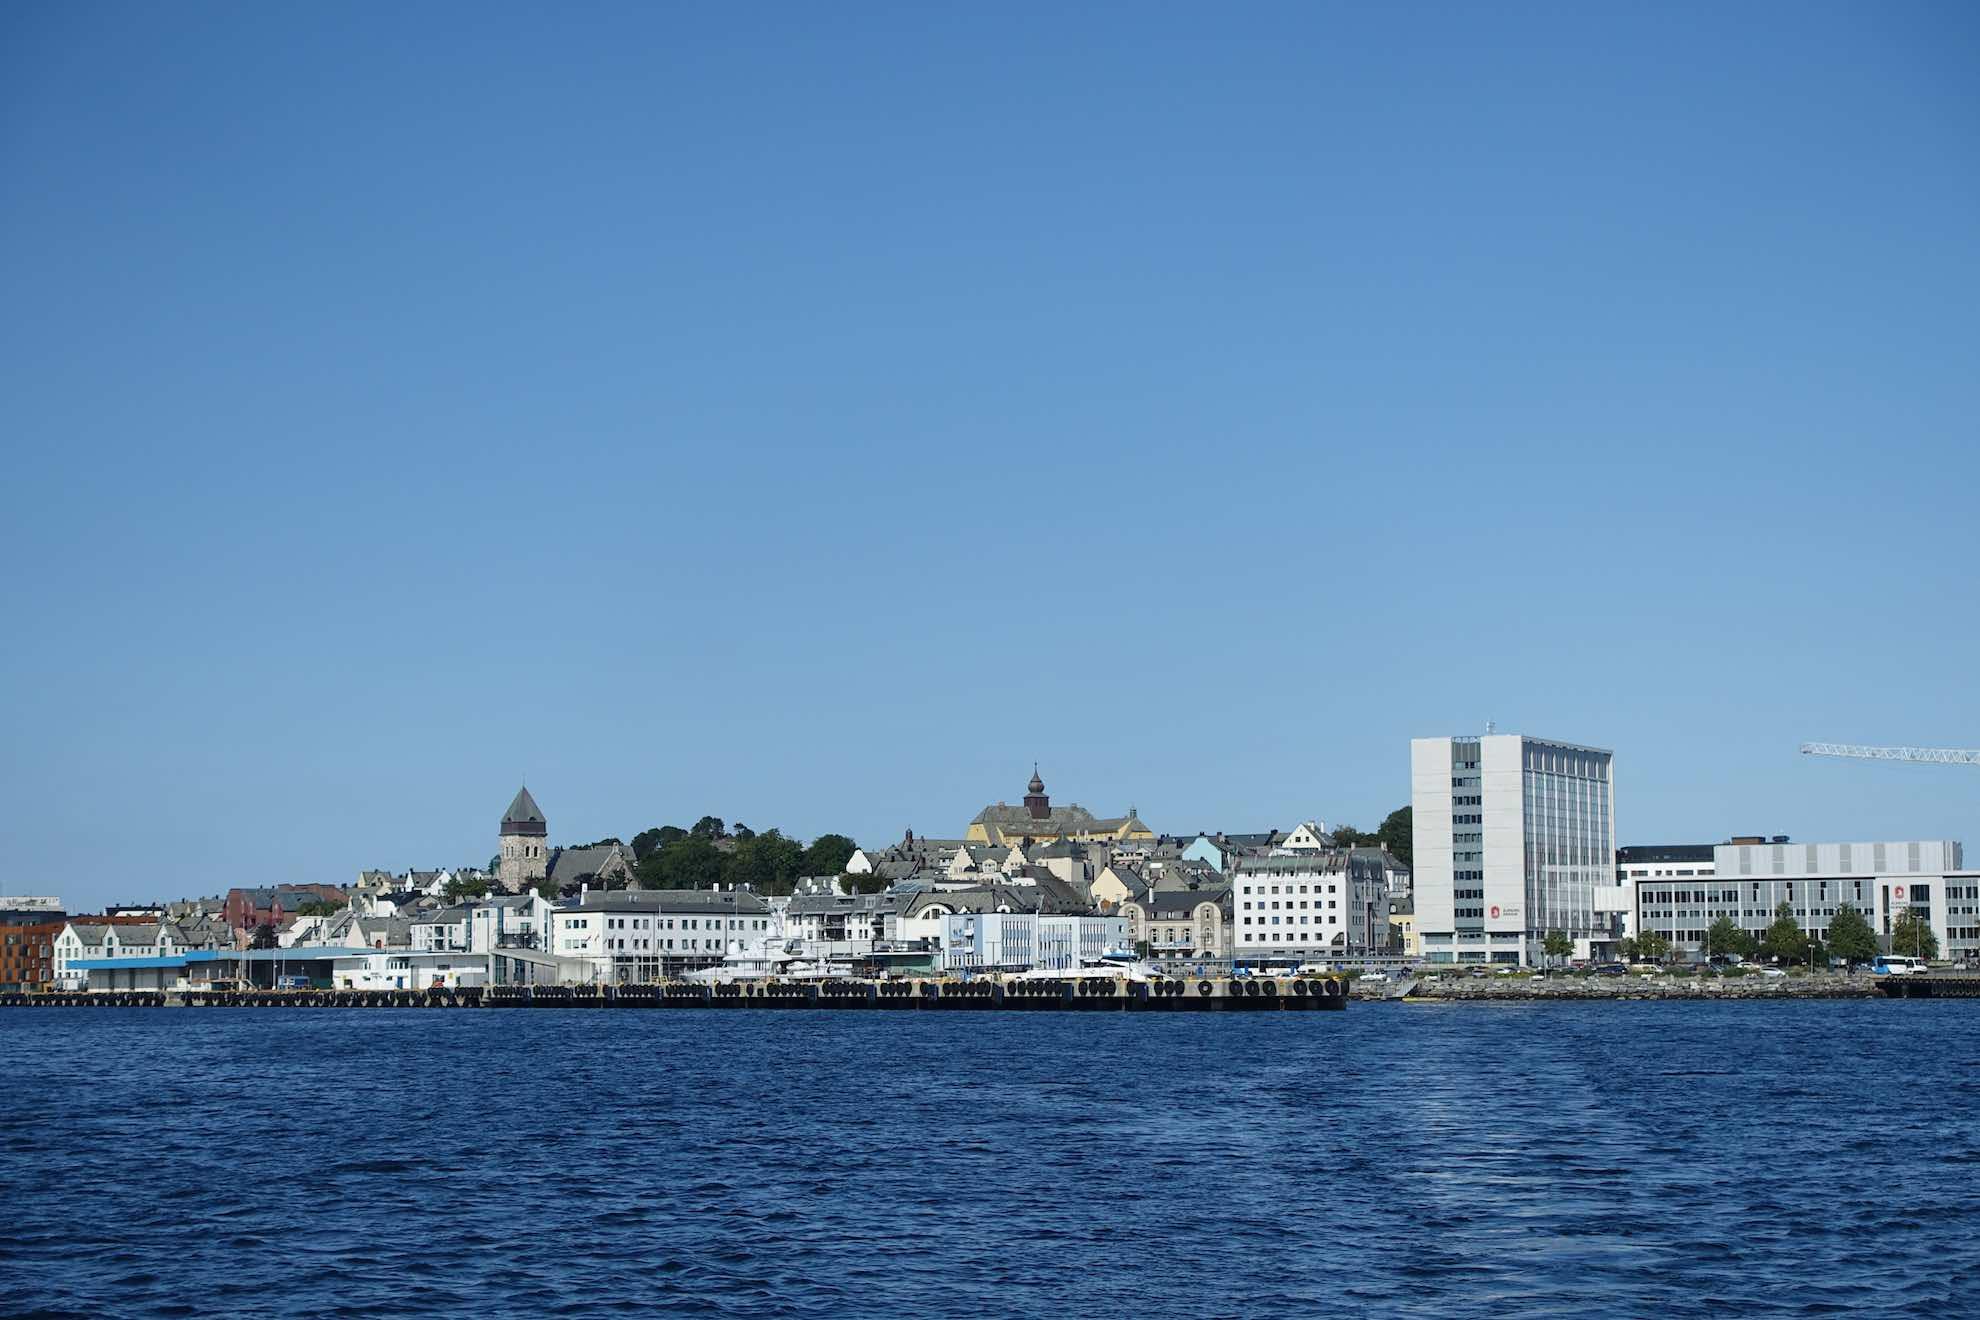 Malaika verlässt die Stadt, Ziel ist der Geirangerfjord, einer von Norwegens meistbesuchten Fjorden.